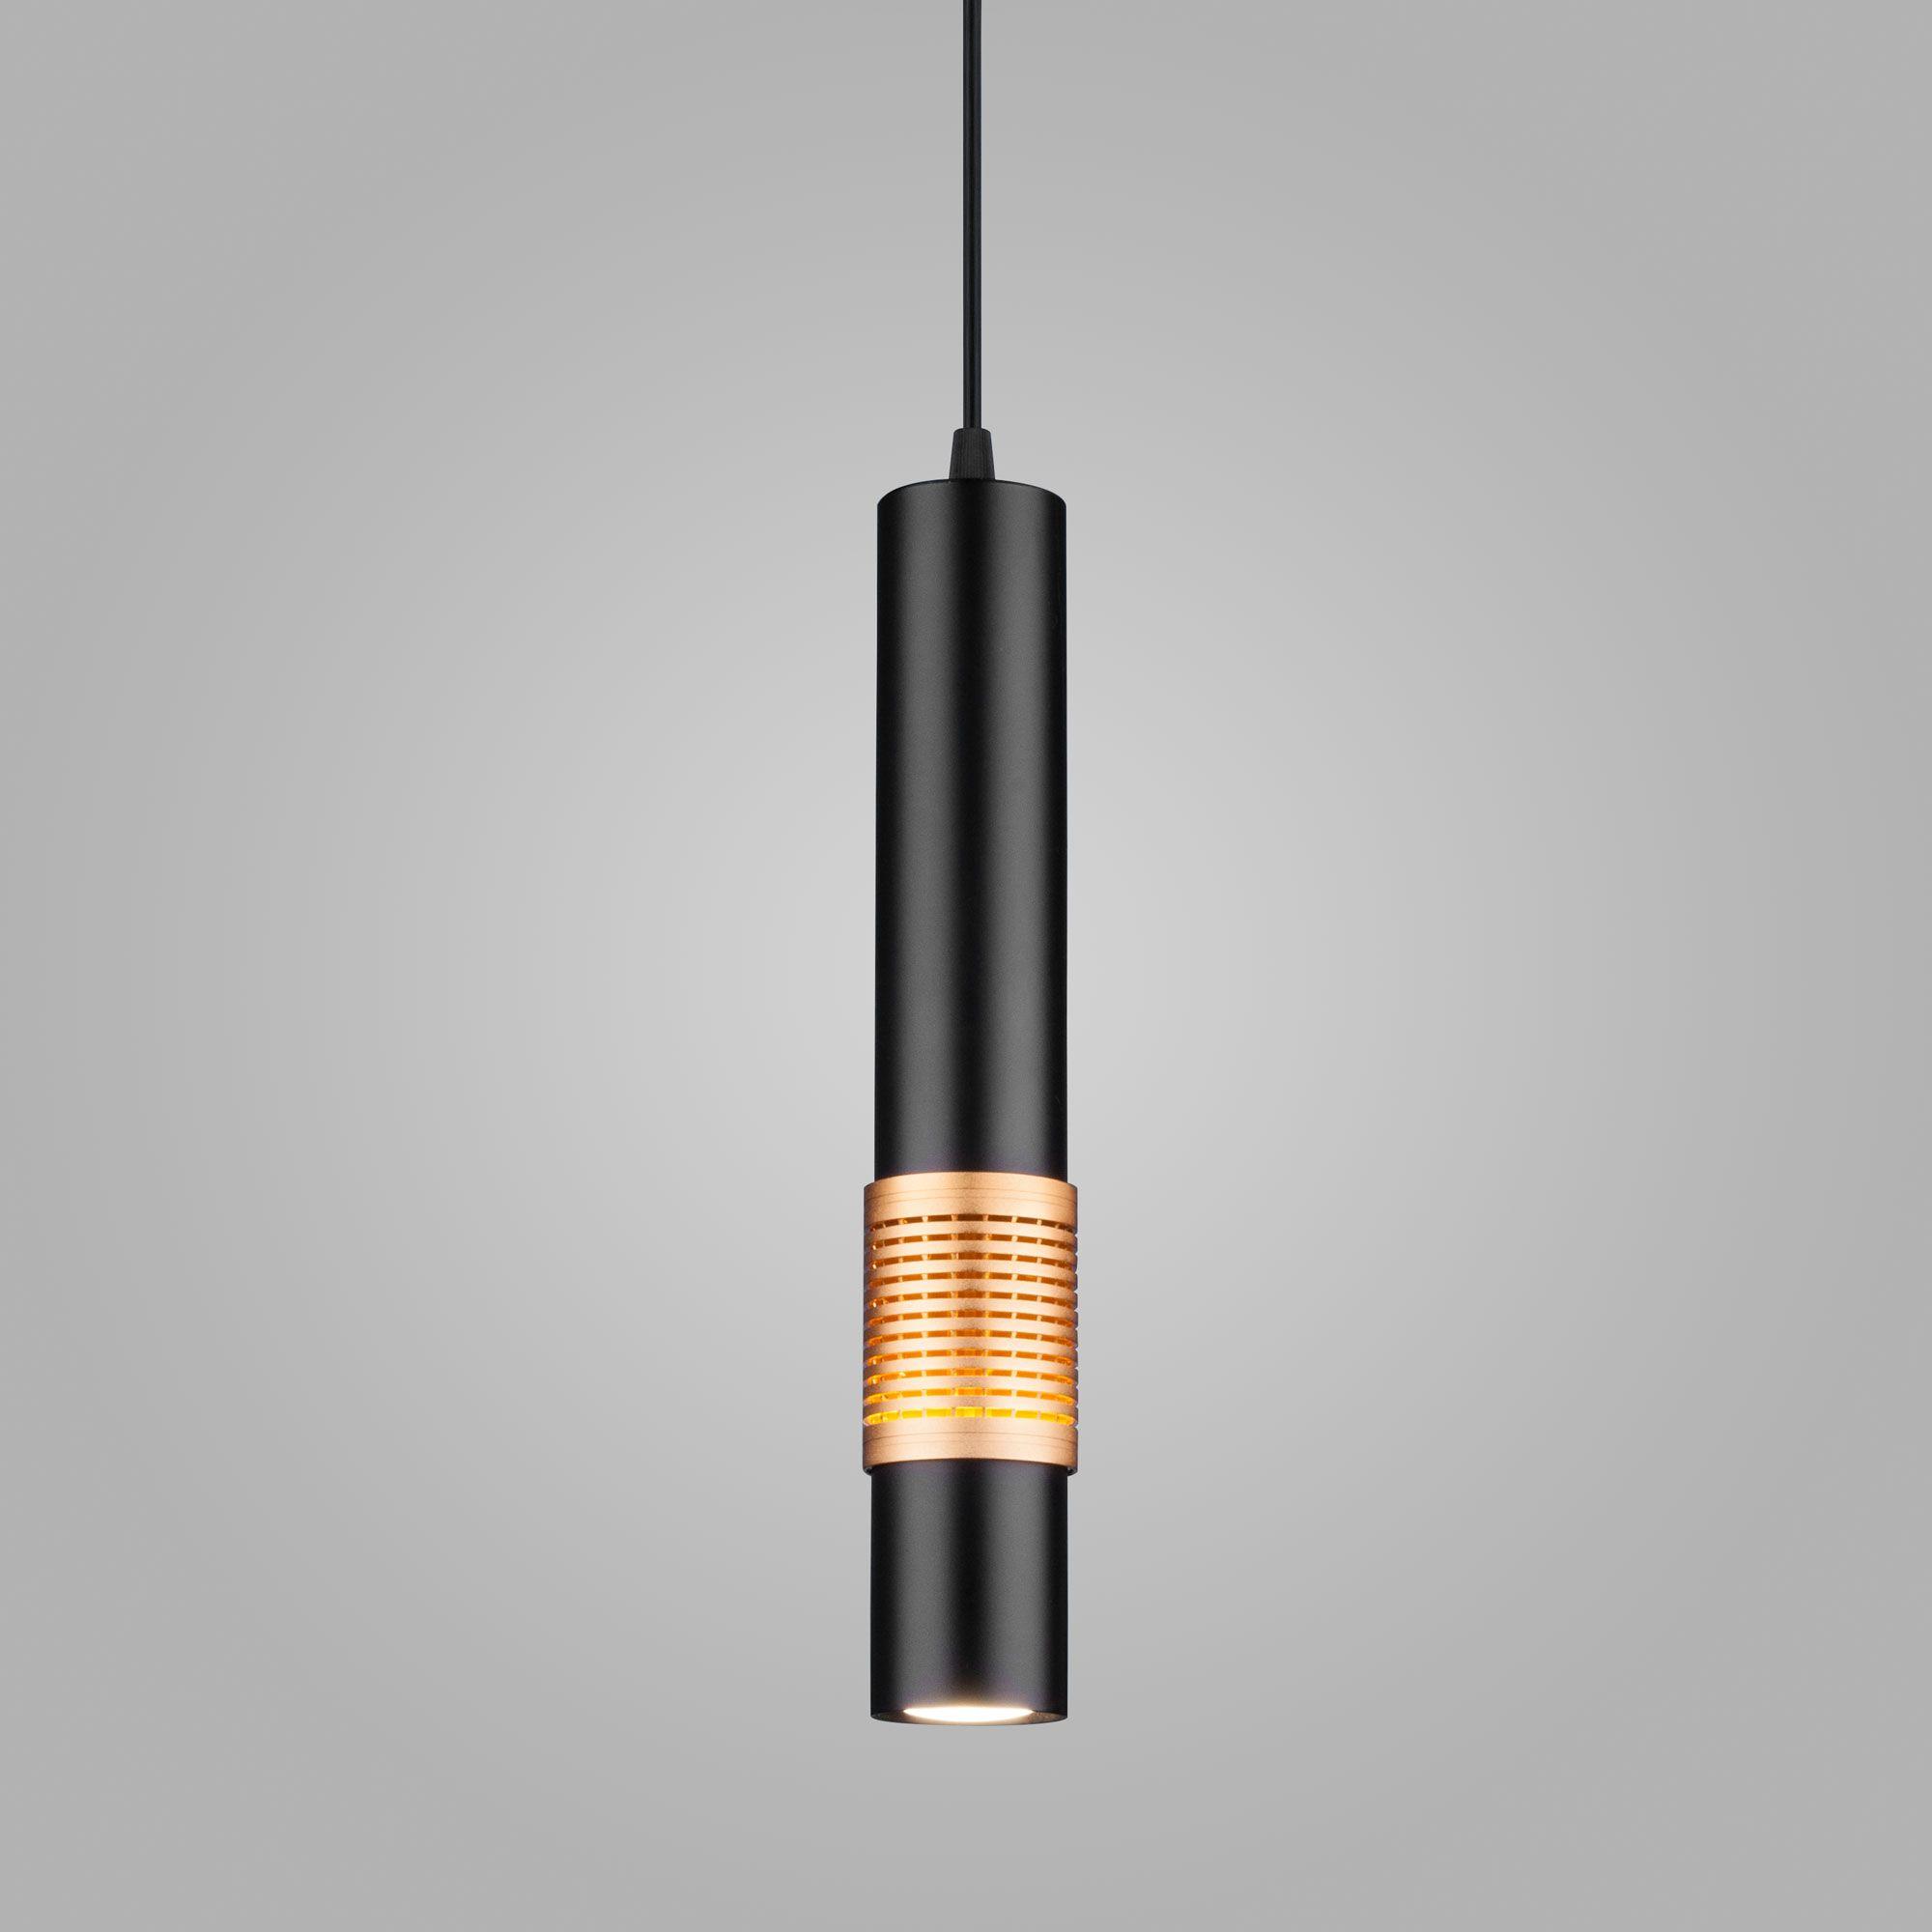 Подвесной светодиодный  светильник DLN001 MR16 черный матовый/золото